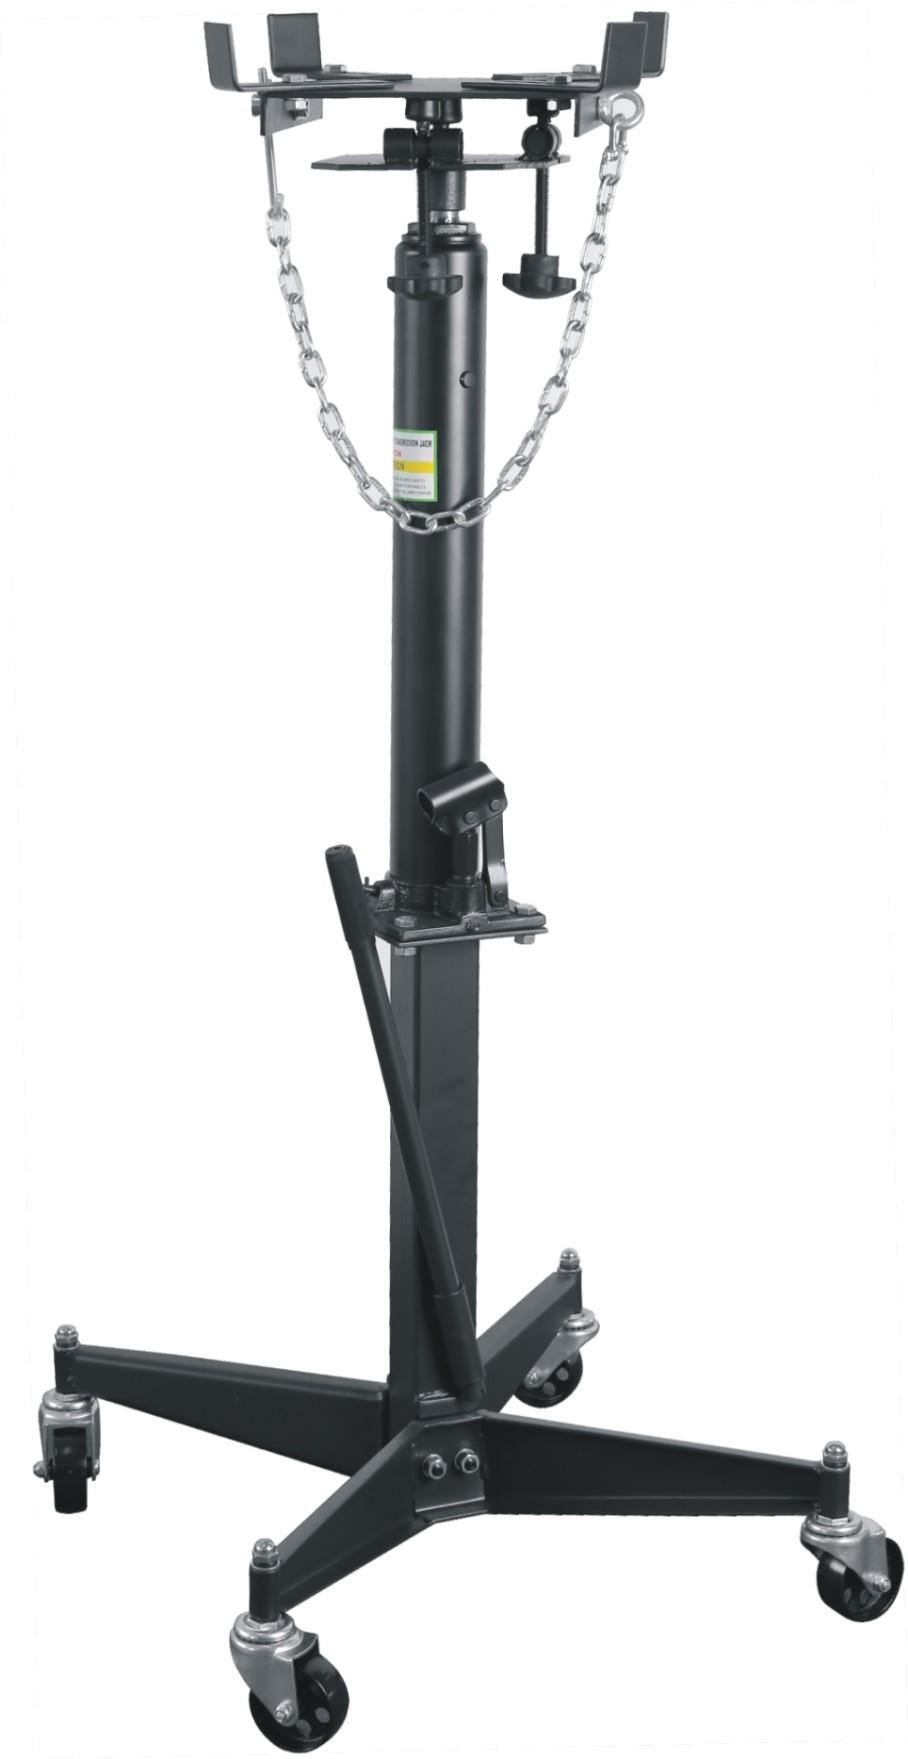 CLTJ103A - Хидравлична стойка за скоростни кутии 500 kg, 1300-1800 mm